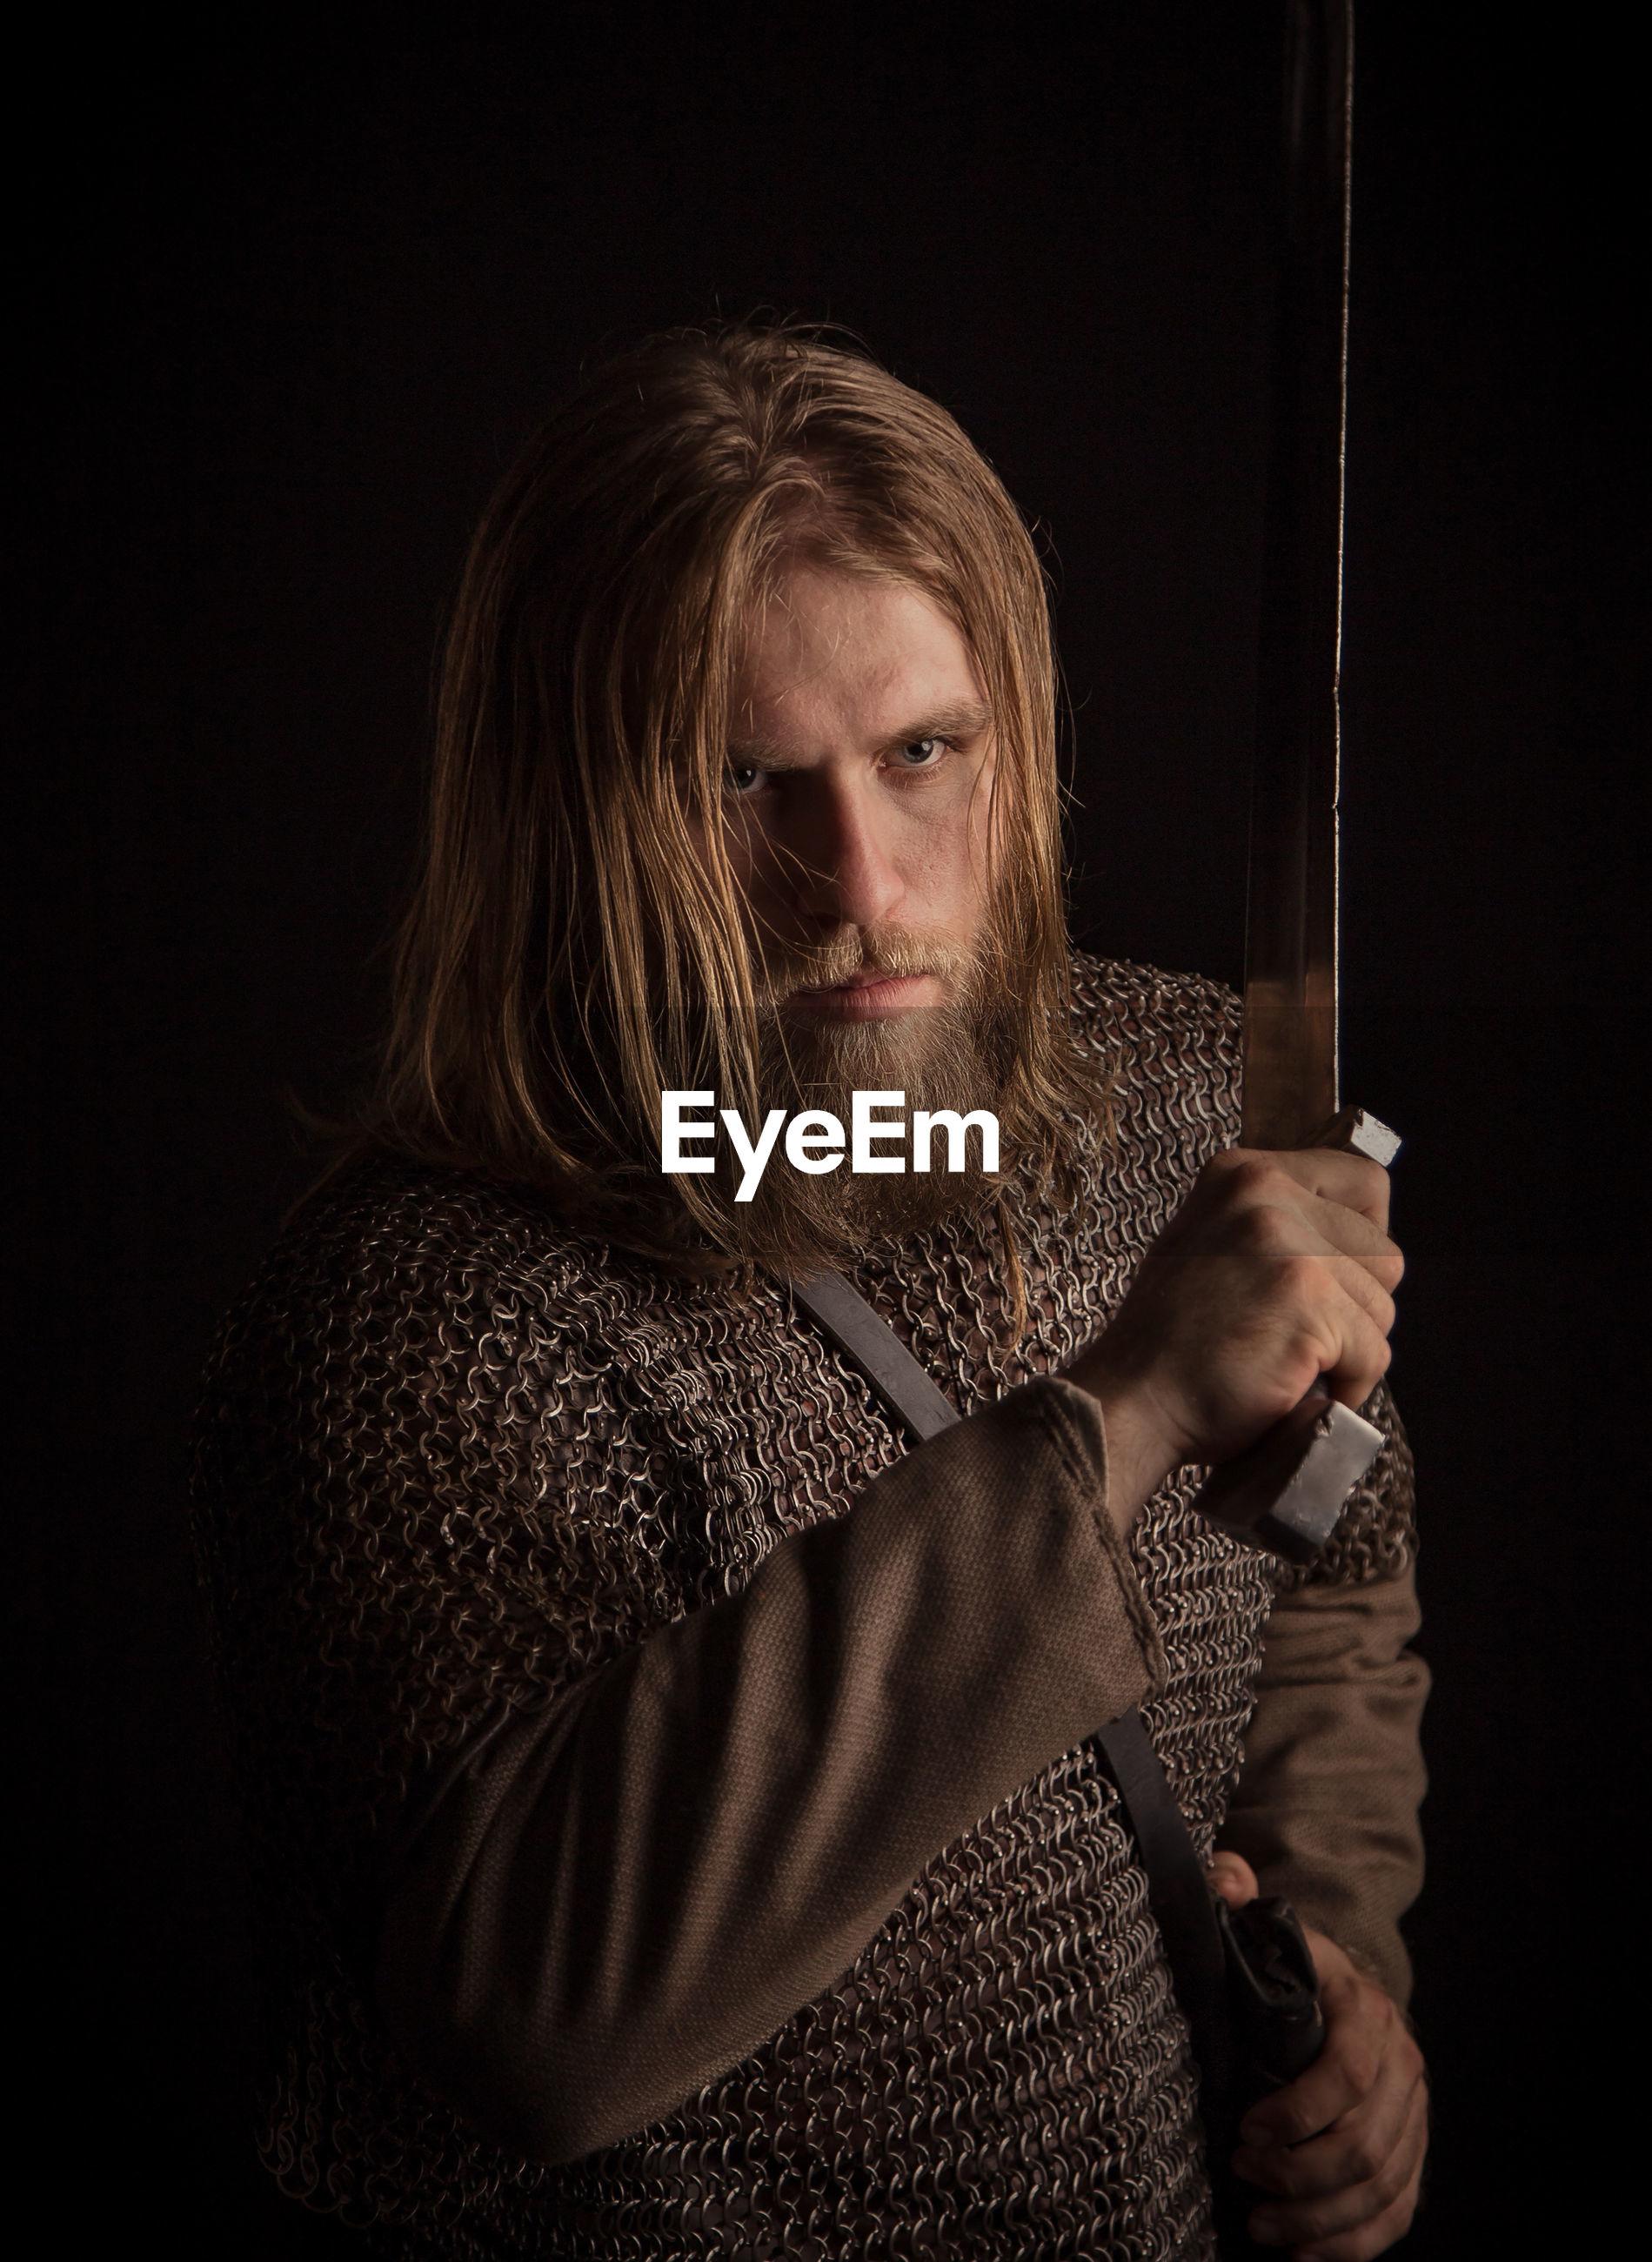 Viking holding sword against black background